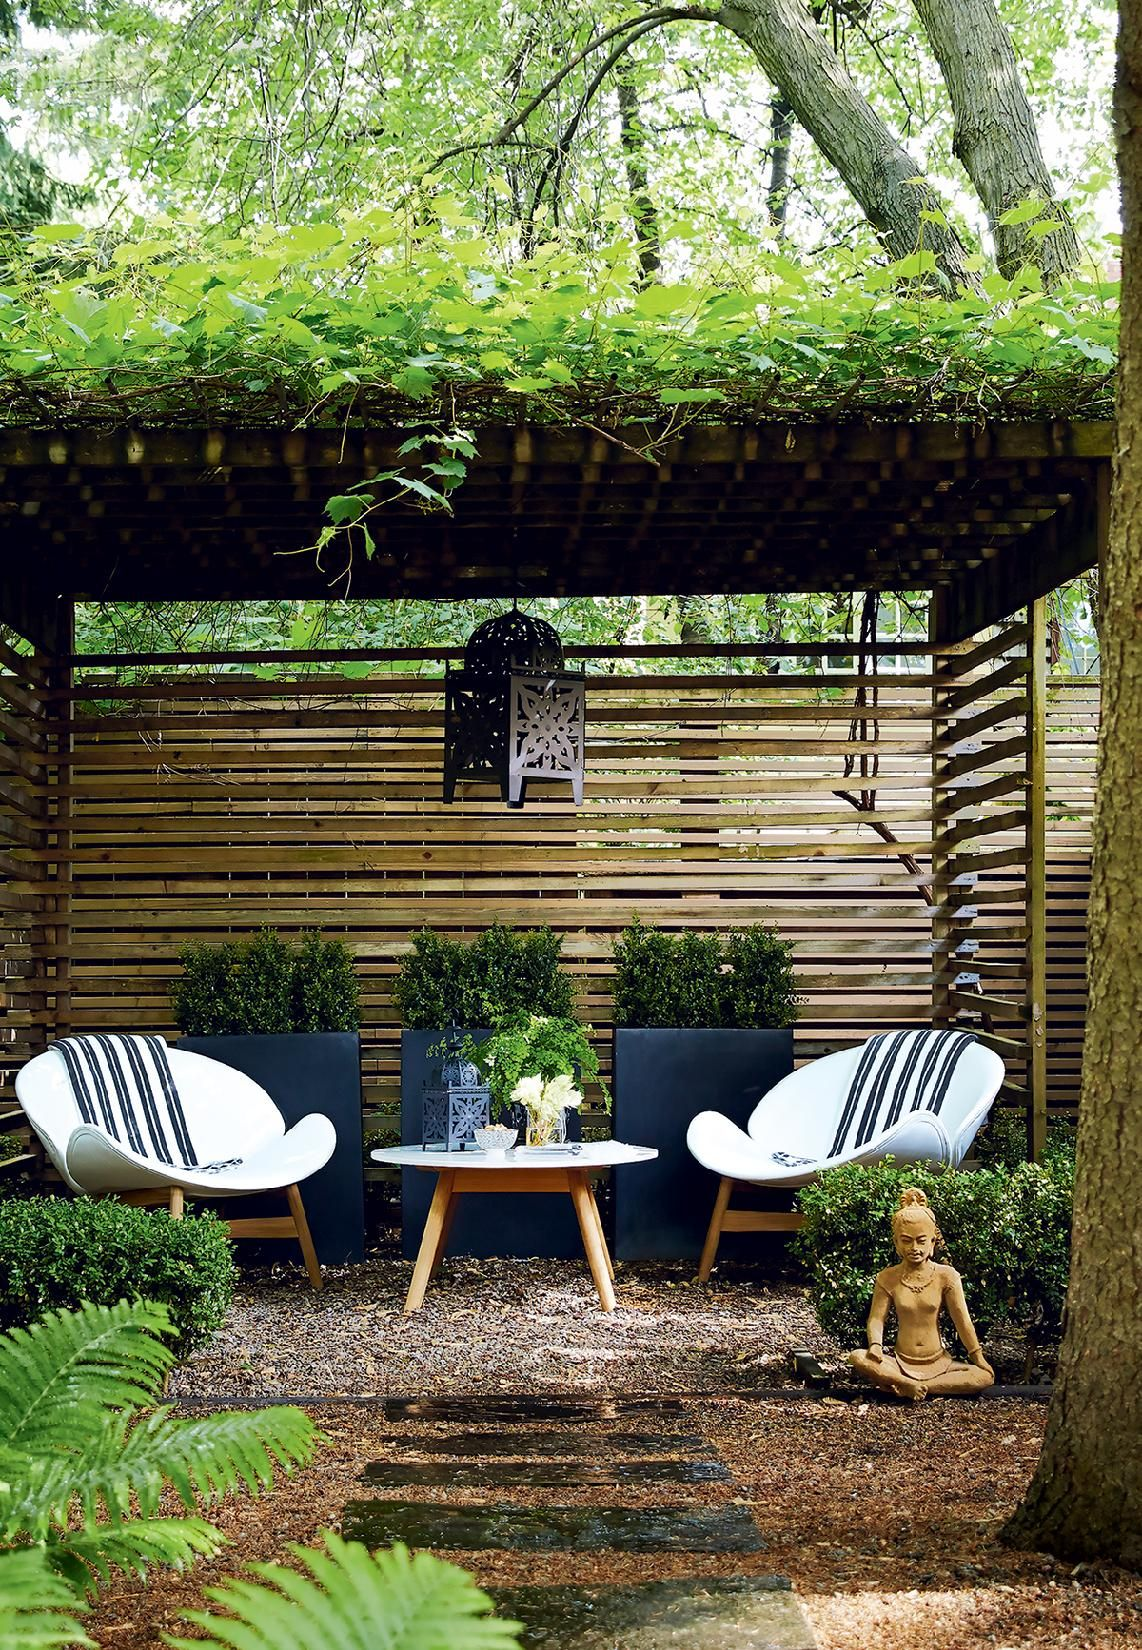 Outdoor decor urban getaway planters outdoor decor and for Garden area ideas